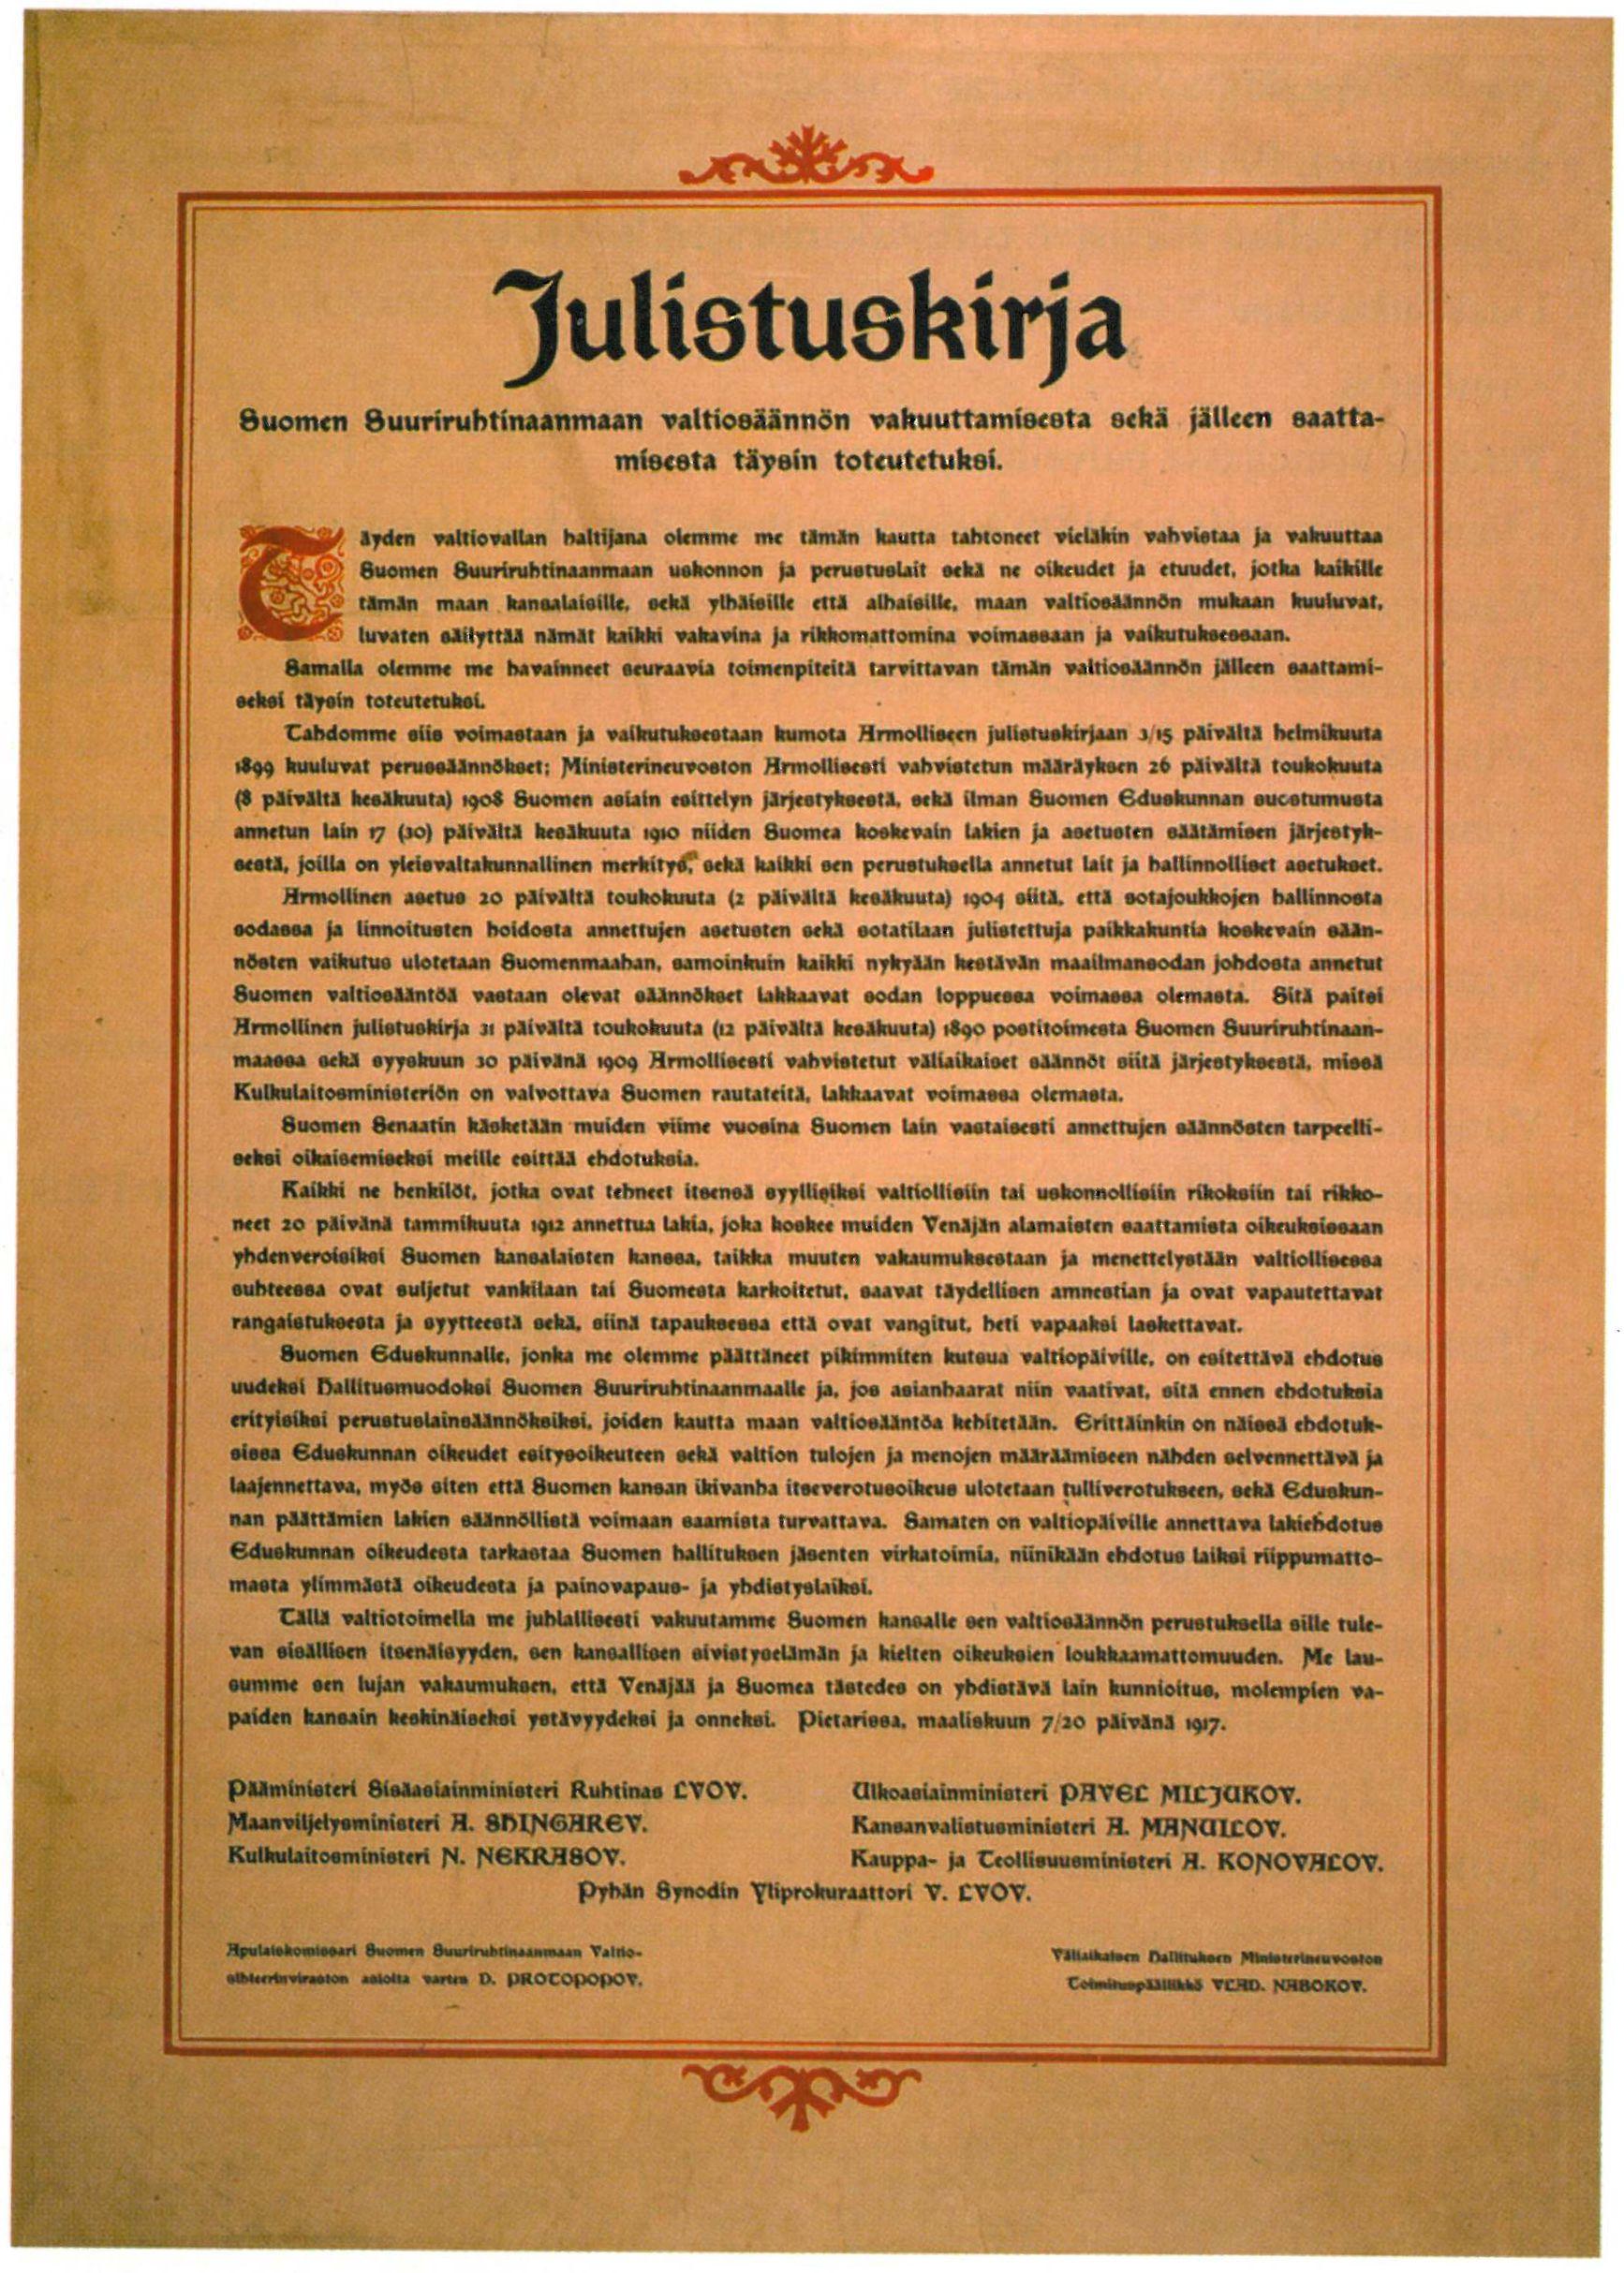 Vuosi 1917 suomen historiassa